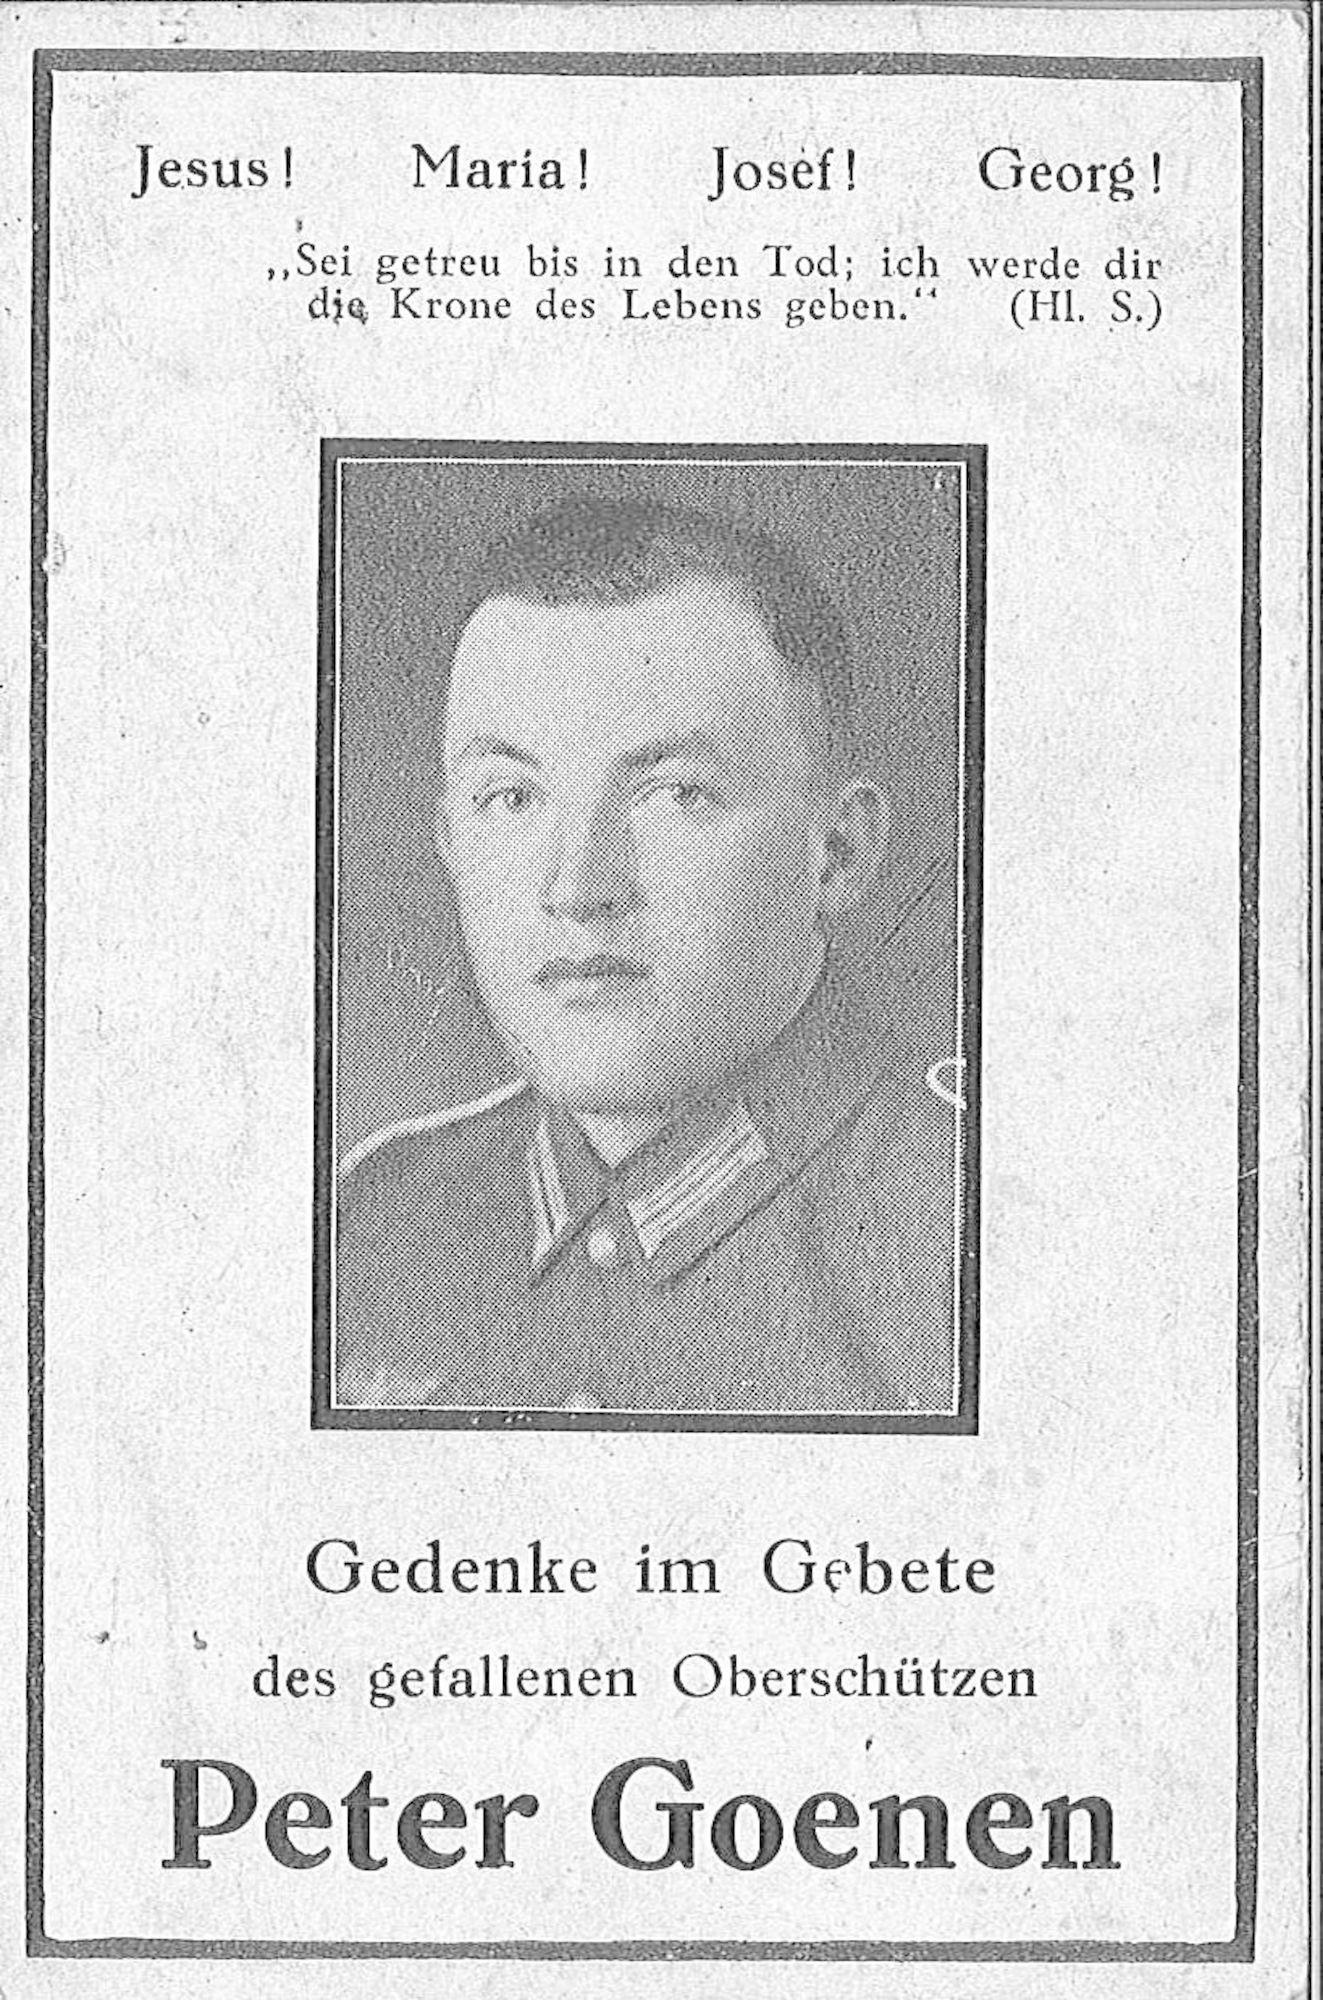 Peter Goenen